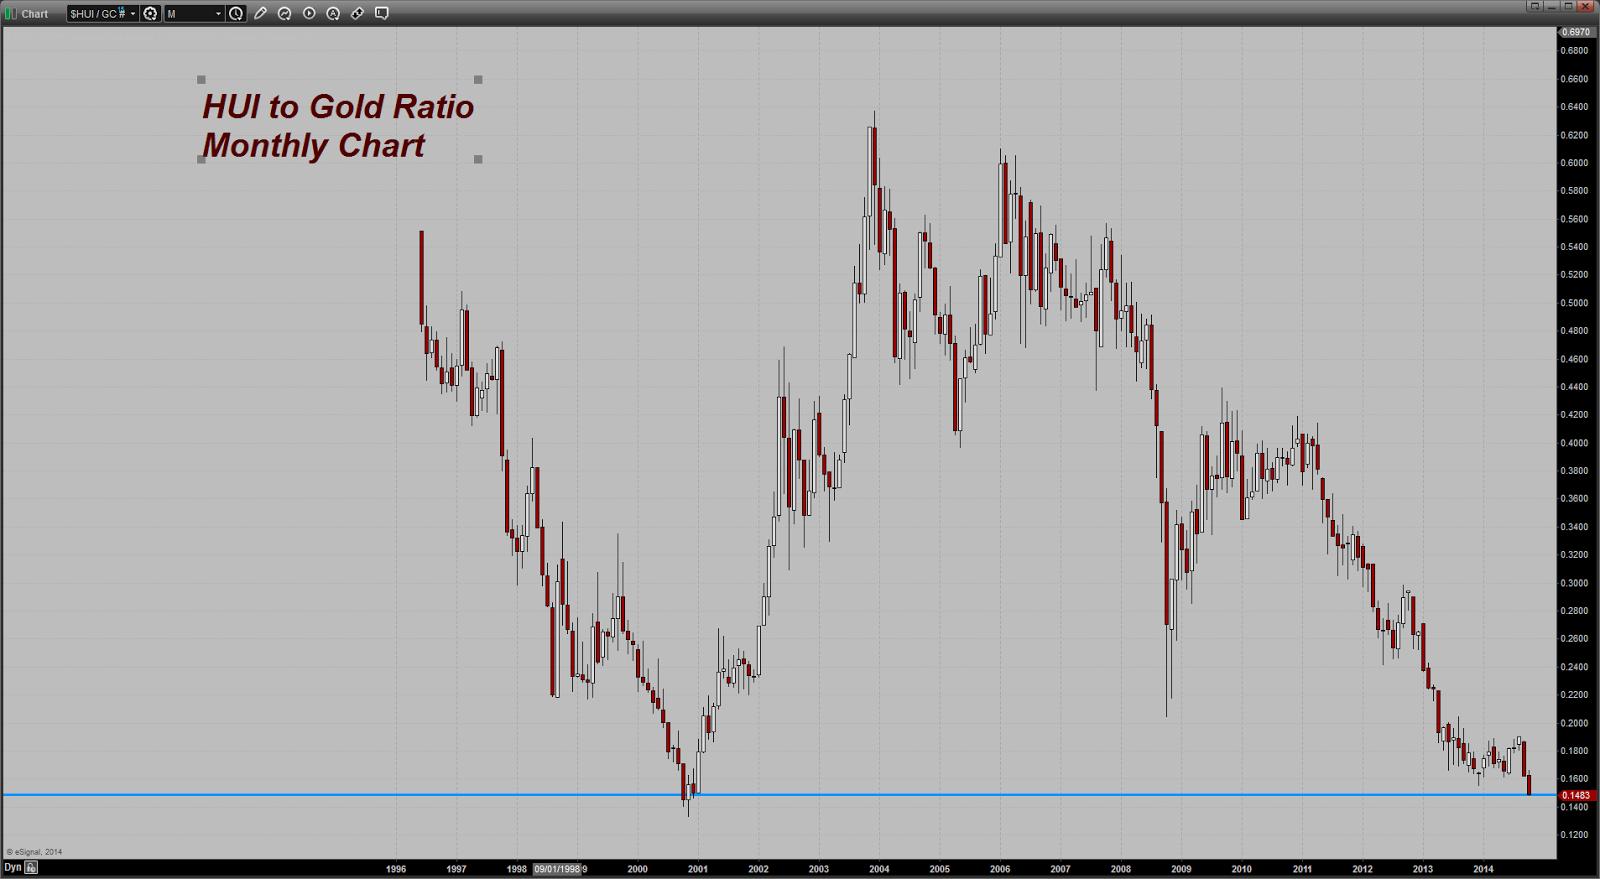 prix de l'or, de l'argent et des minières / suivi quotidien en clôture - Page 14 Chart20141029120359